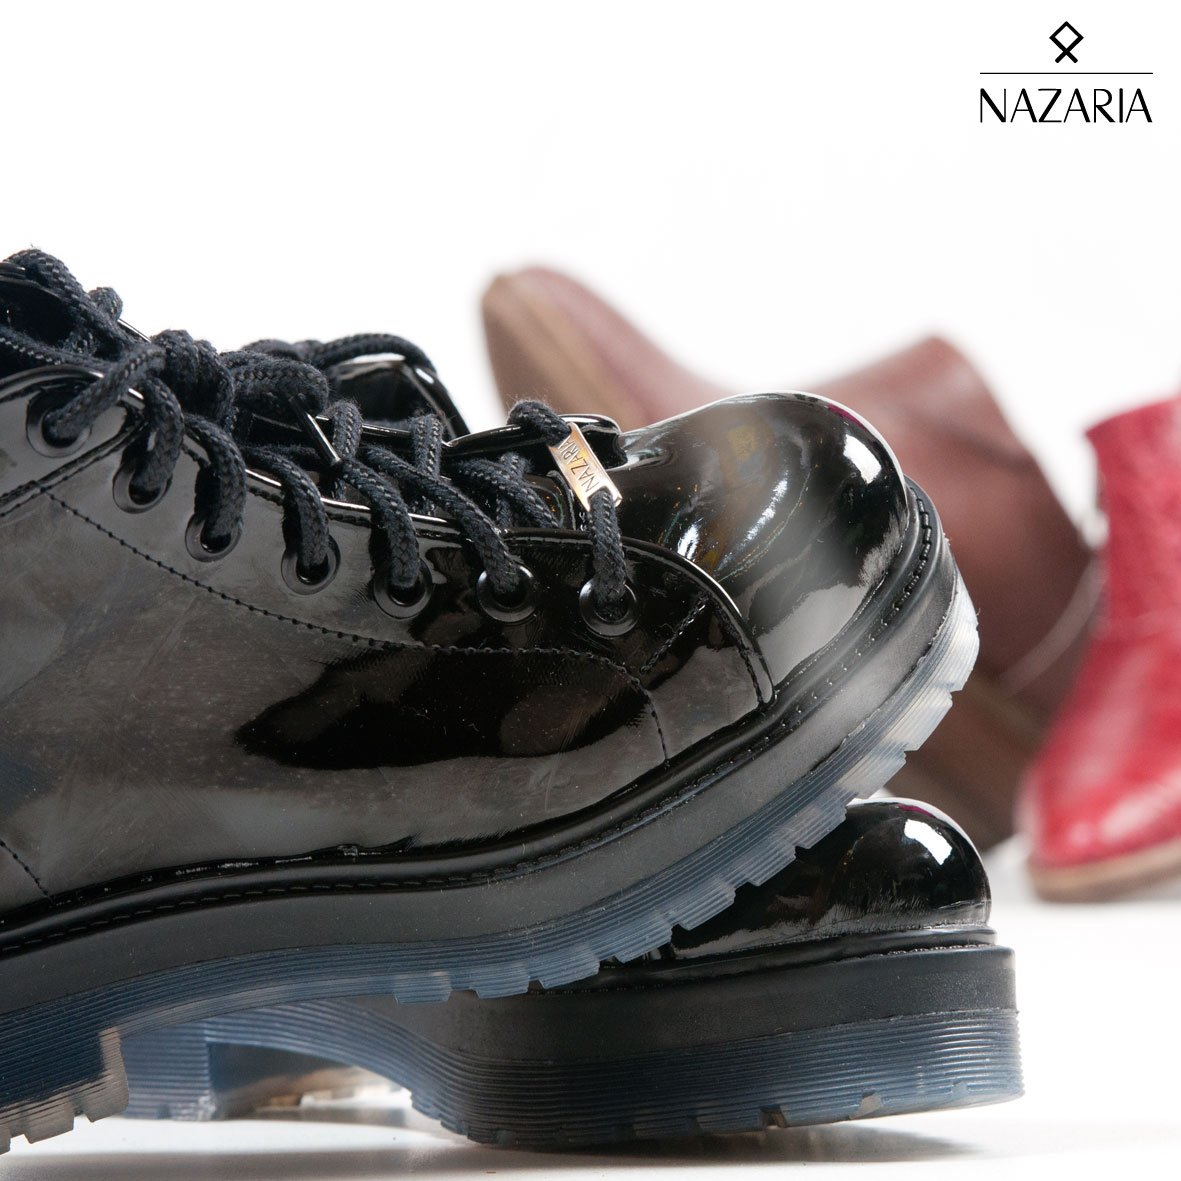 e shoes by emma